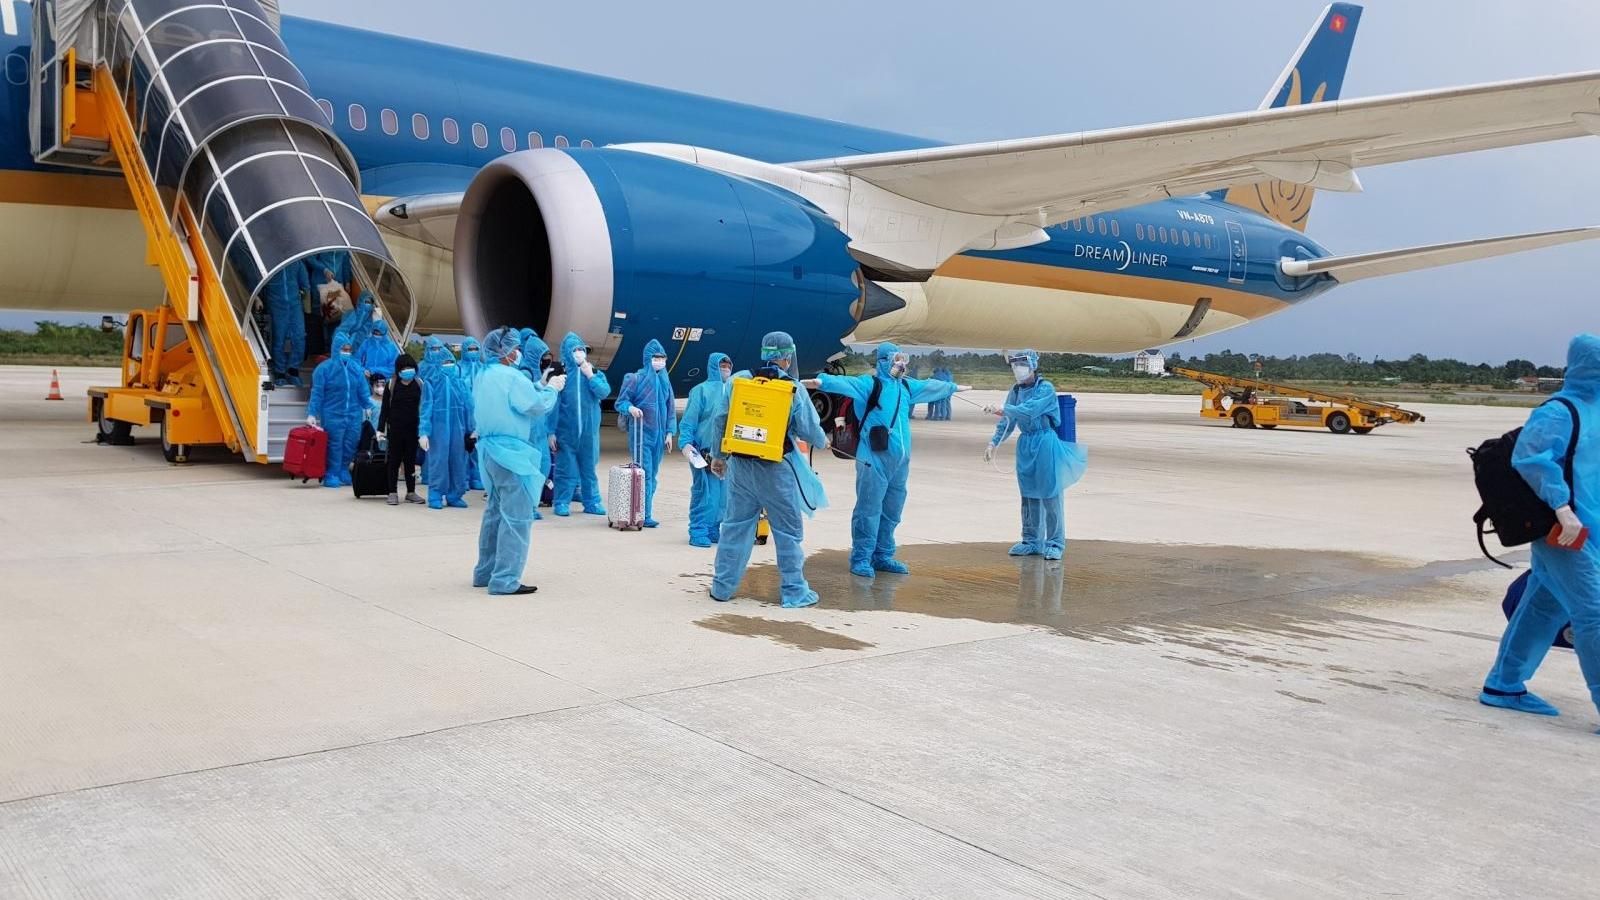 Có kẻ giả mạo đại diện Vietnam Airlines mời công dân Việt Nam mua vé về nước